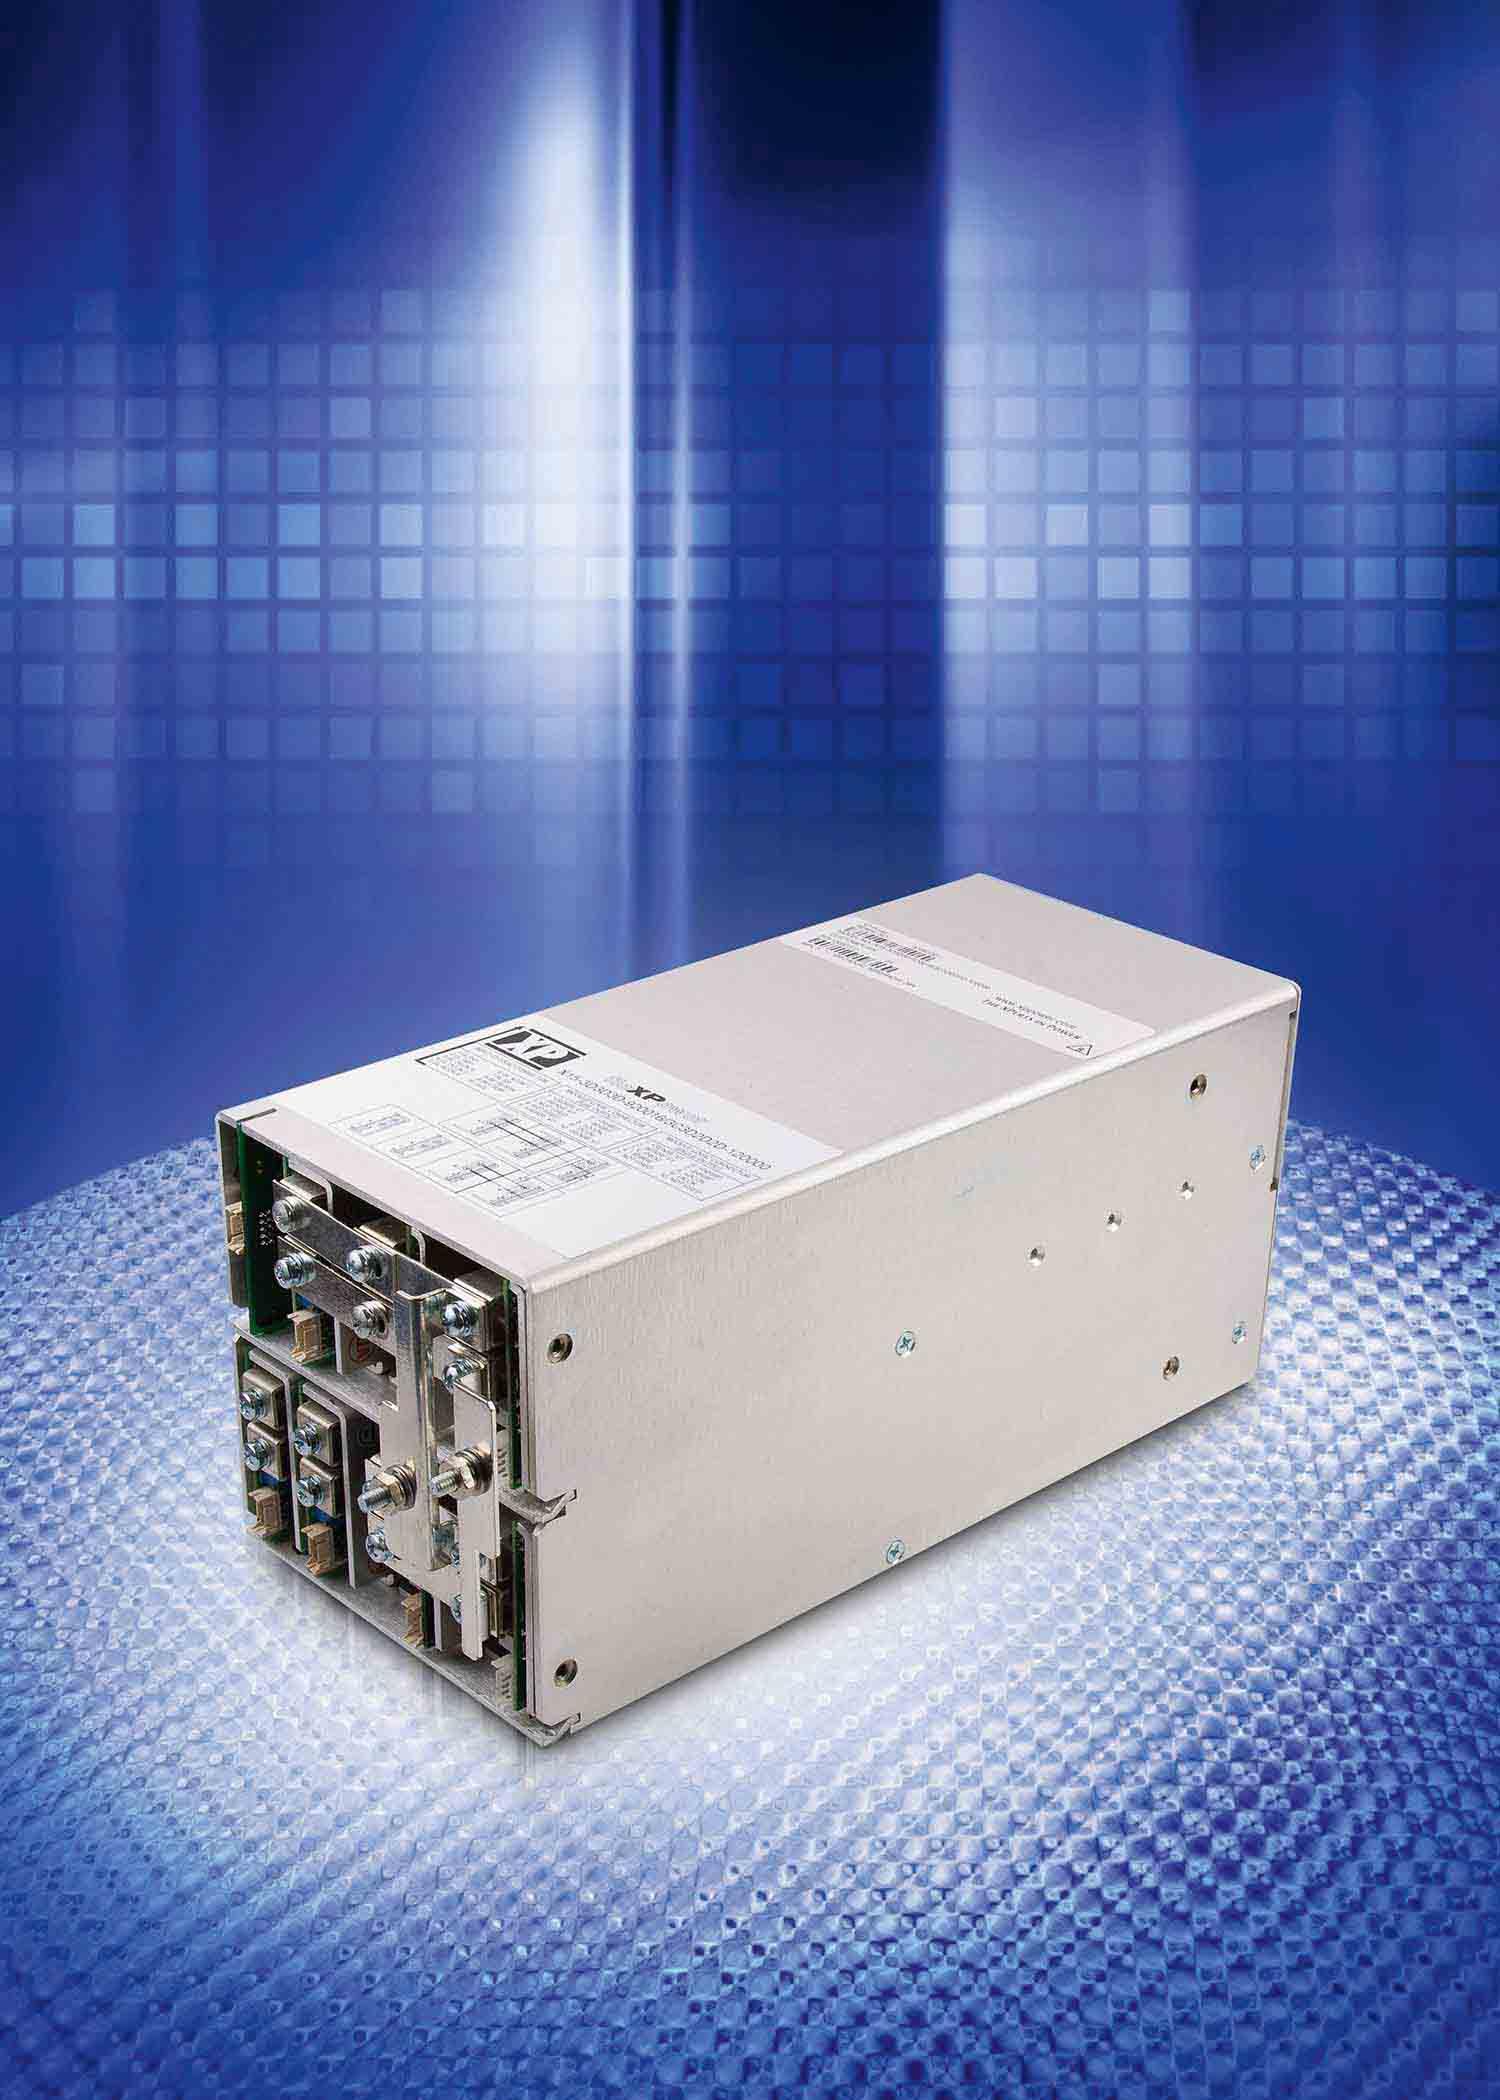 XP Power расширяет серию fleXPower конфигурируемых источников питания 2500 Вт моделями